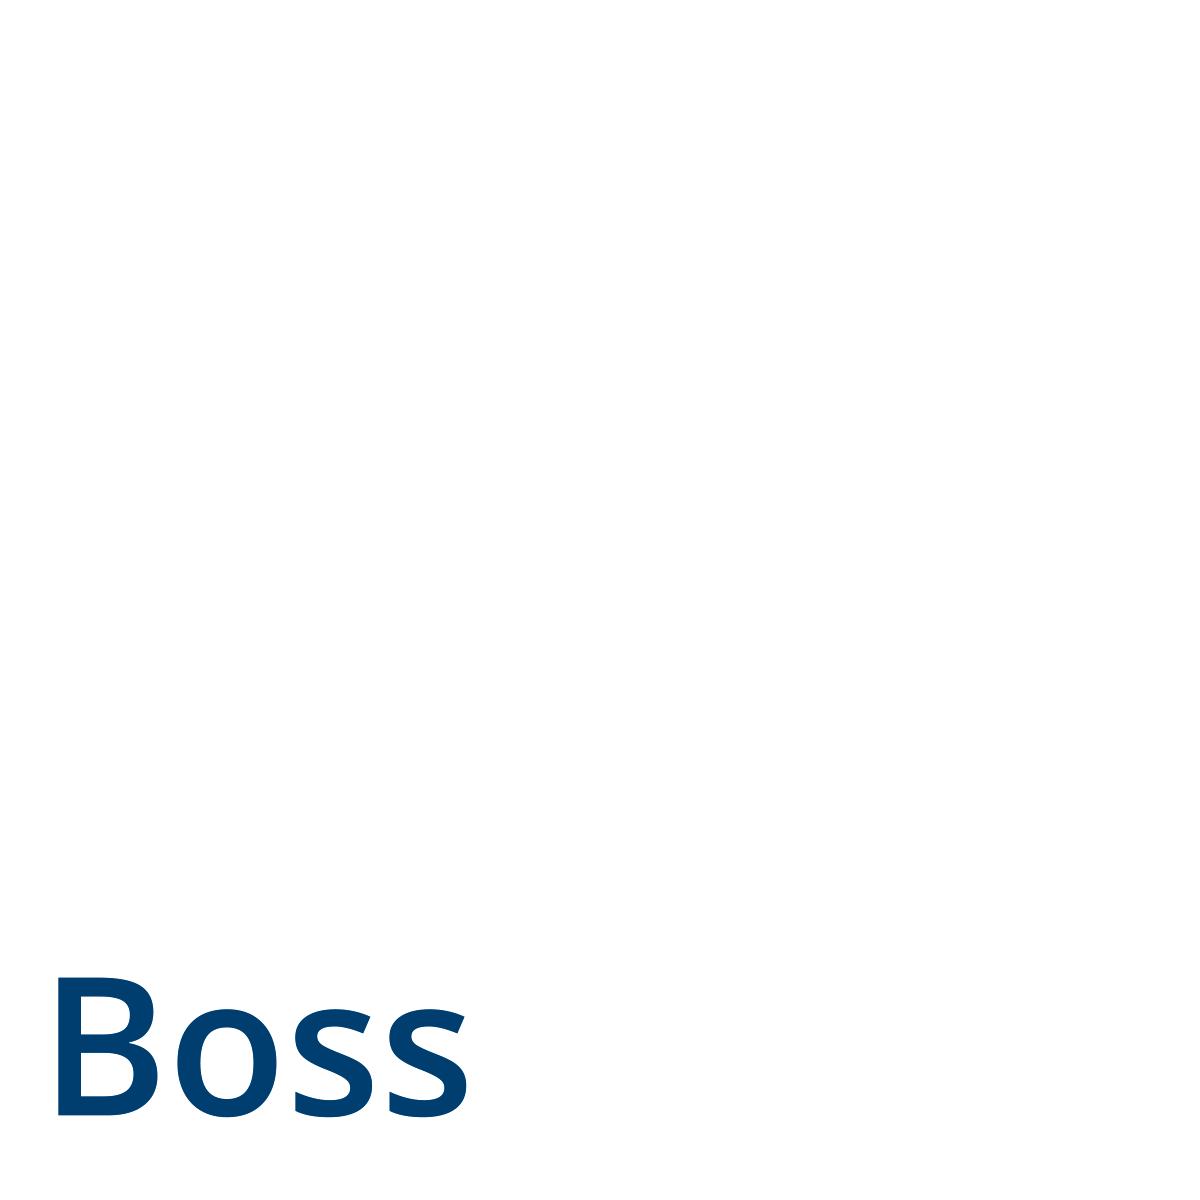 Bossapp